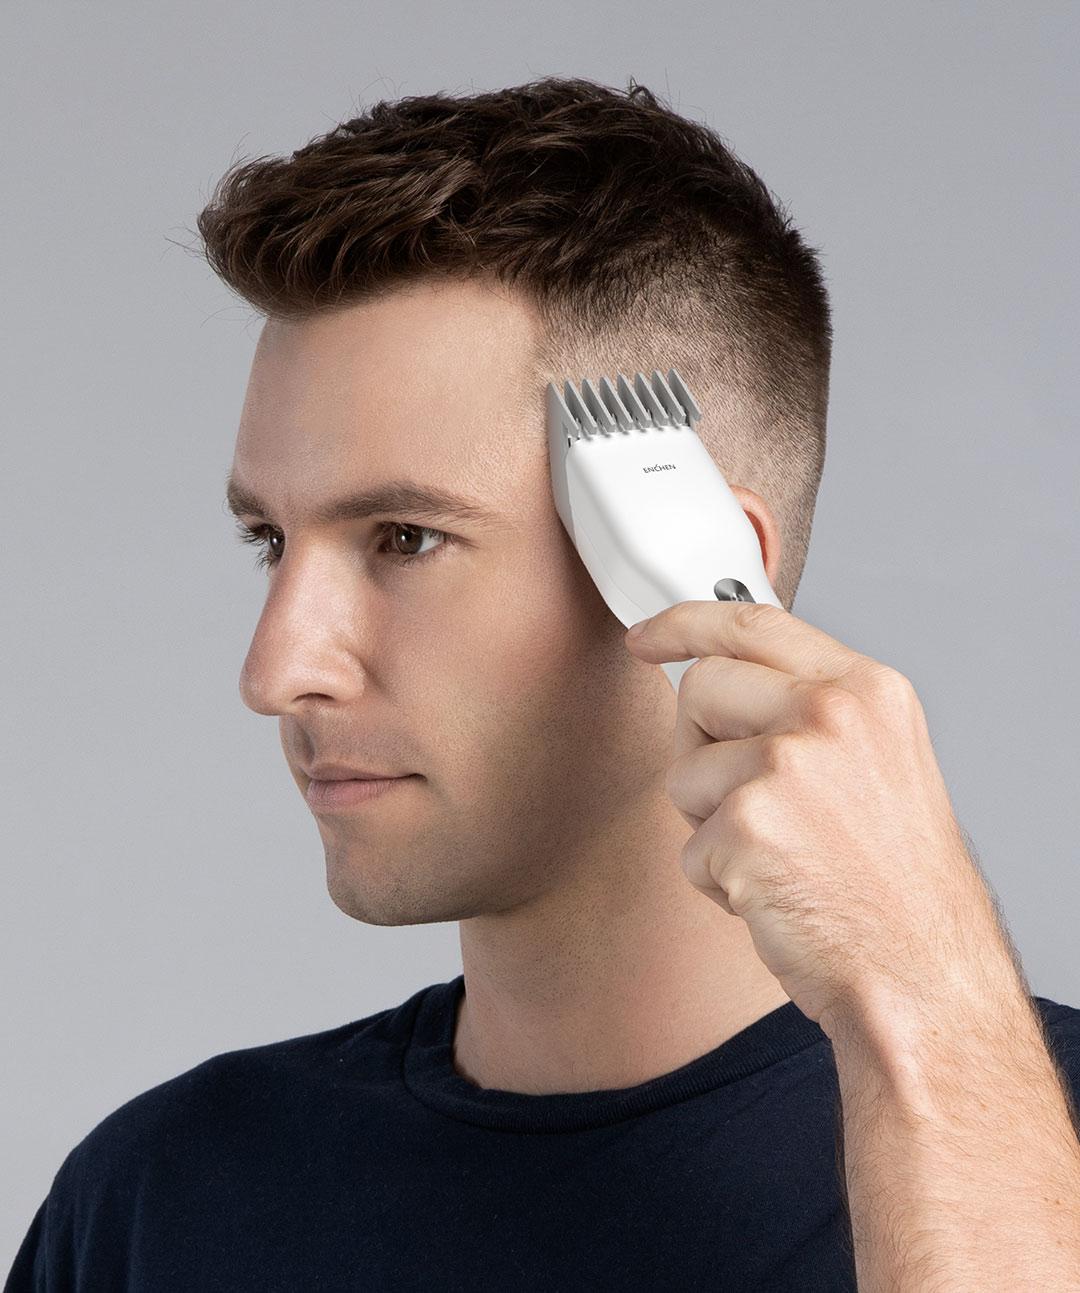 100% Original XiaoMi ENCHEN puissant tondeuse à cheveux professionnel tondeuse à cheveux hommes électrique Machine de découpe cheveux tondeuse coiffure